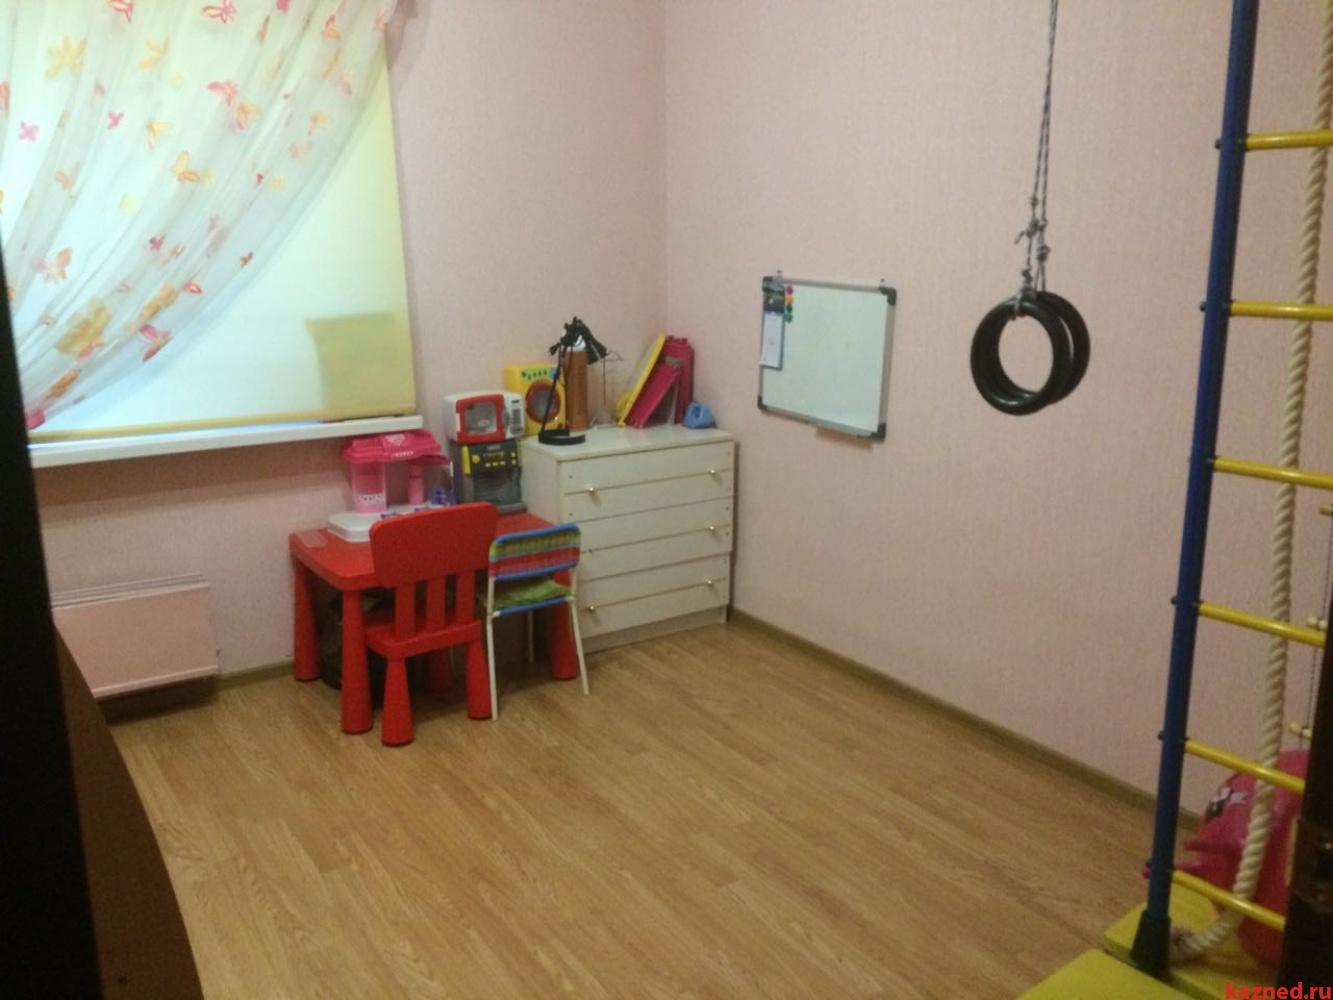 Продажа 2-к квартиры Патриса Лумумбы,56, 54 м² (миниатюра №3)